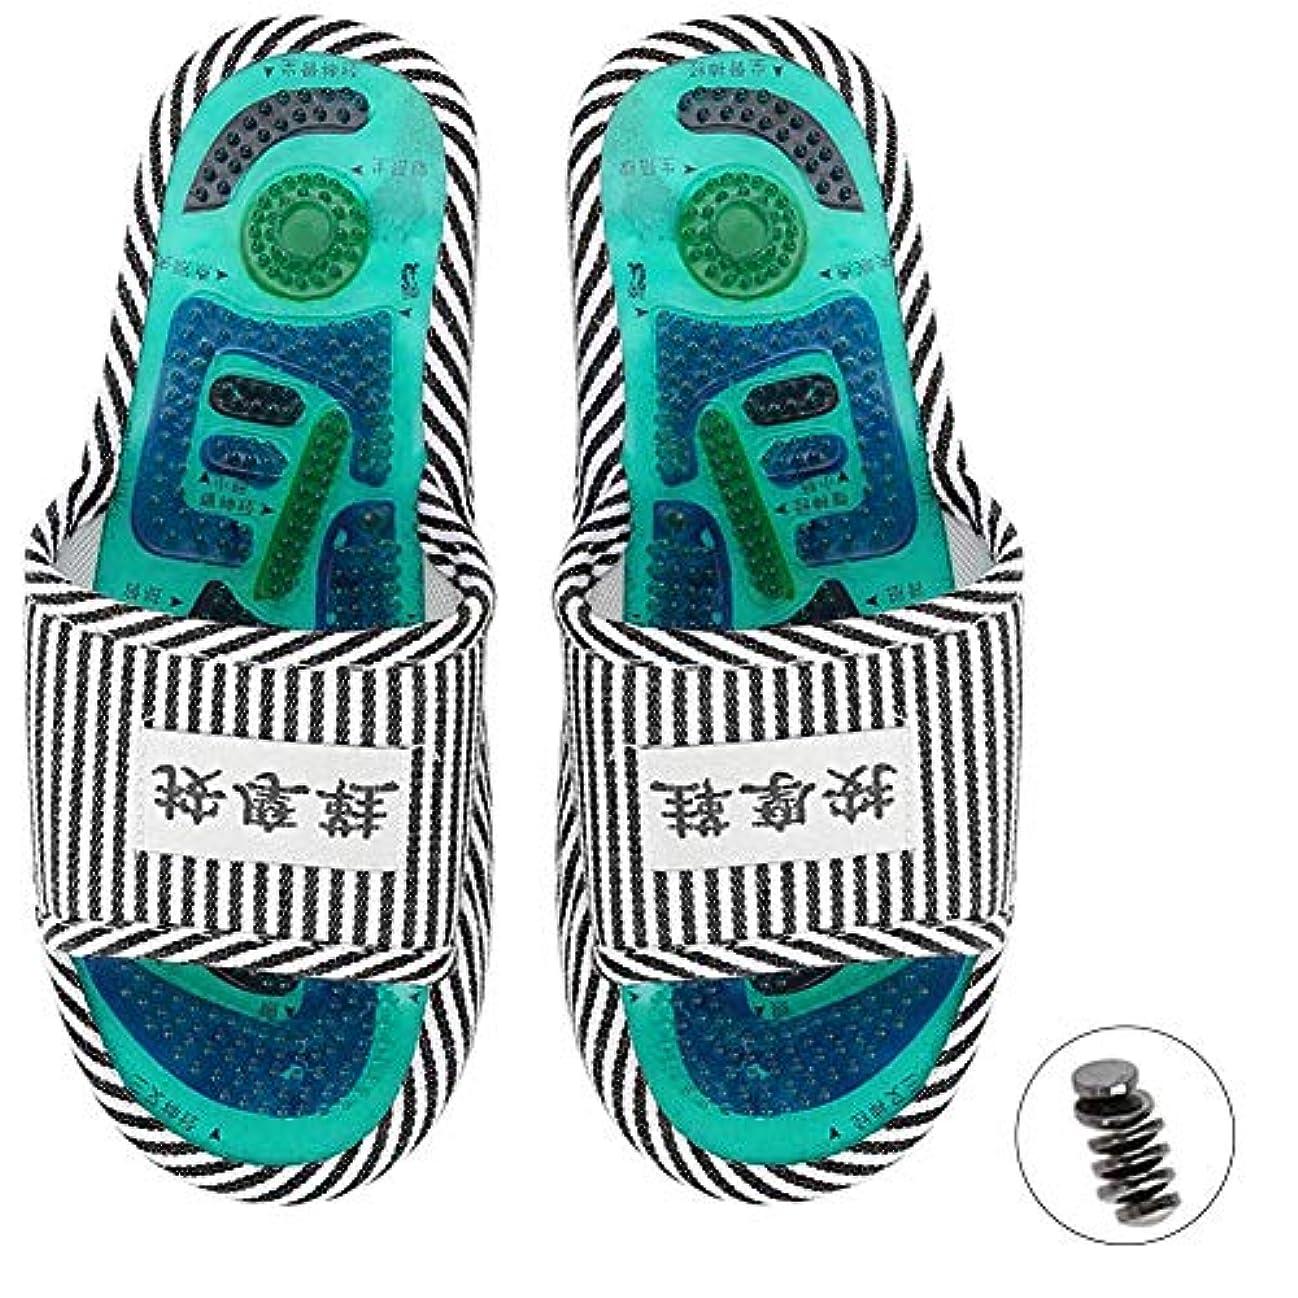 おんどり複雑な野心的マッサージスリッパ、足指圧マッサージ 磁気ストーン 健康な足のケア マッサージボール 男性女性用(1)